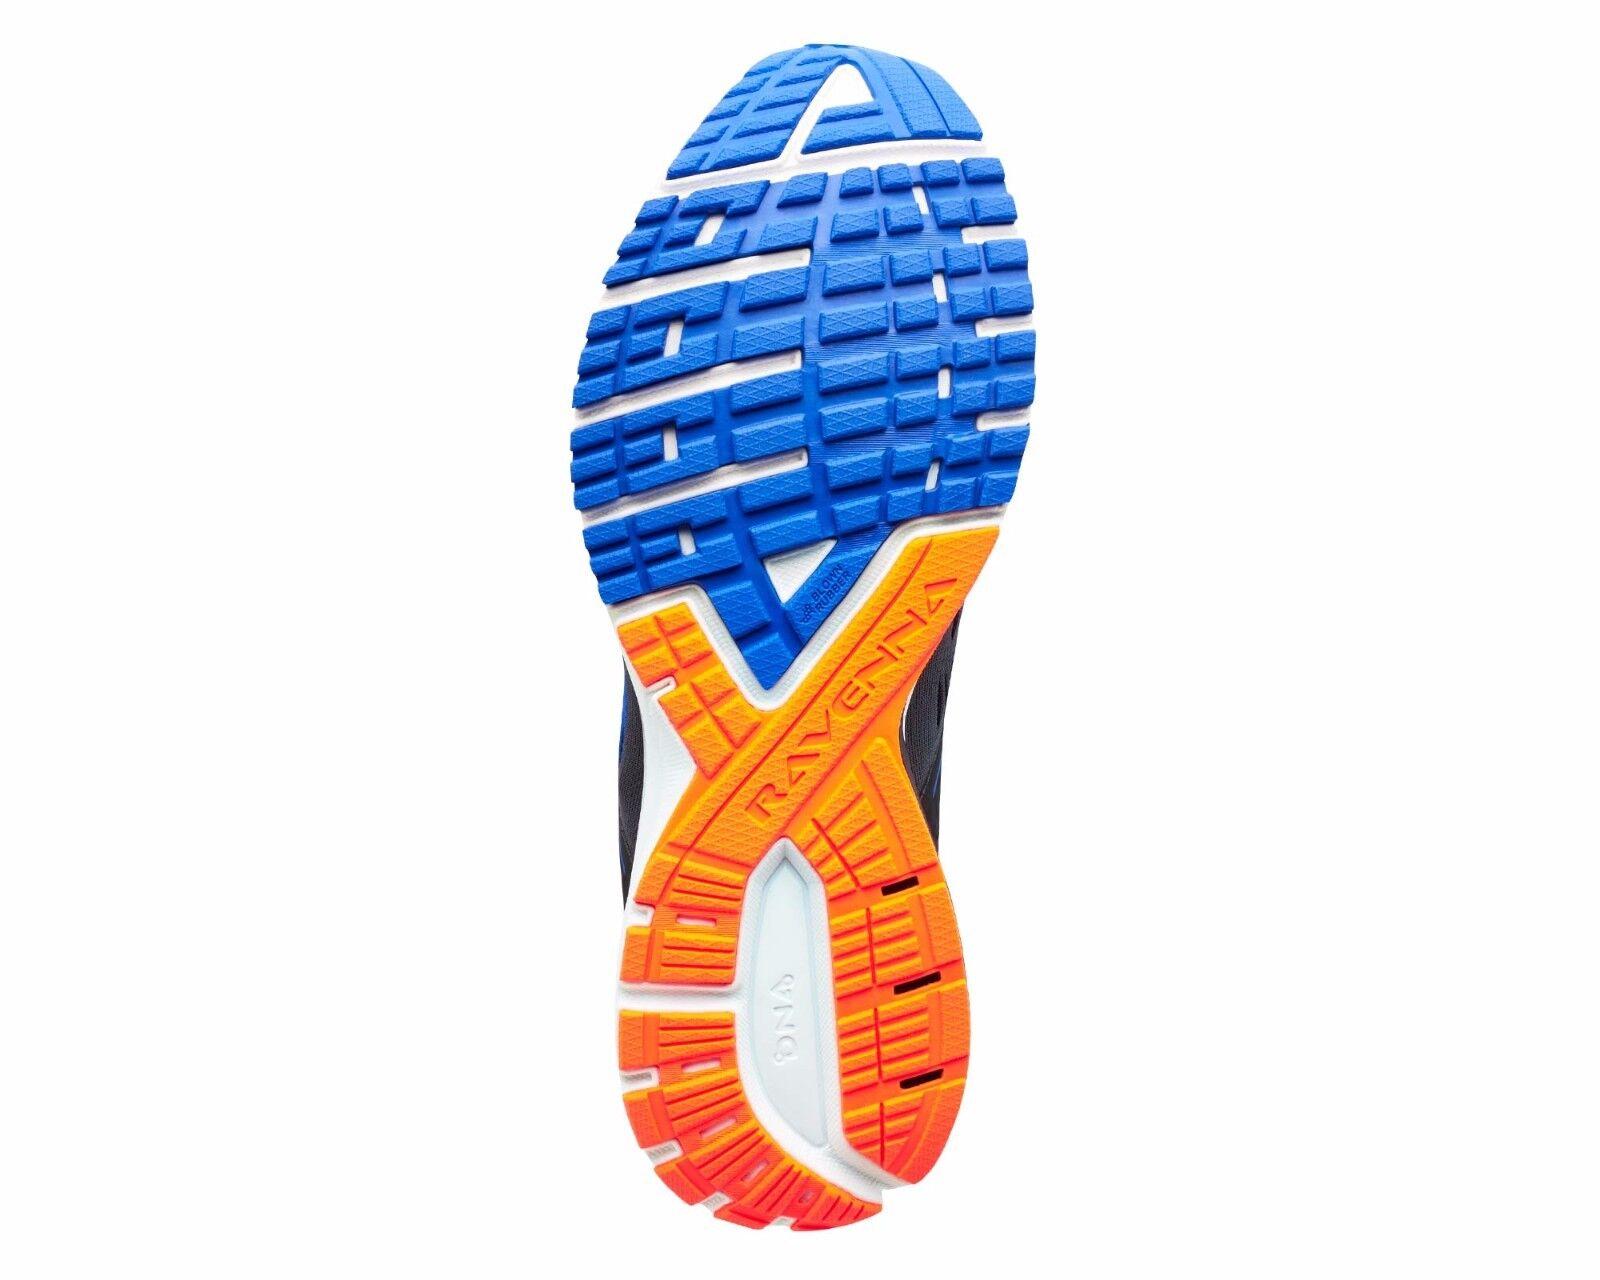 411aa466aa ... Brooks Brooks Brooks Ravenna 9 Mens Running Shoes (D) (025) 481436